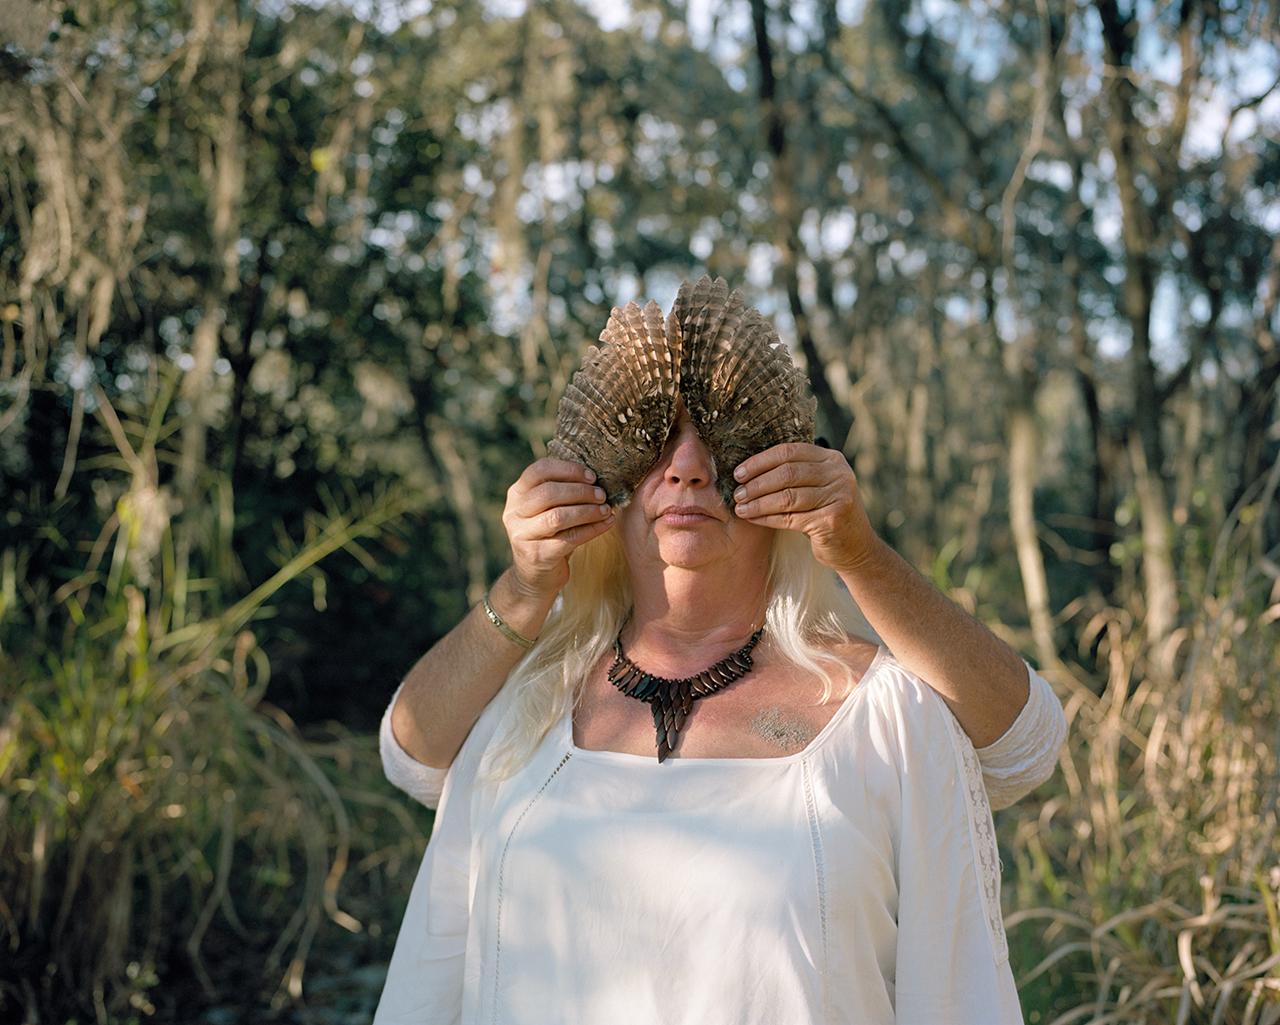 Noelle McCleaf